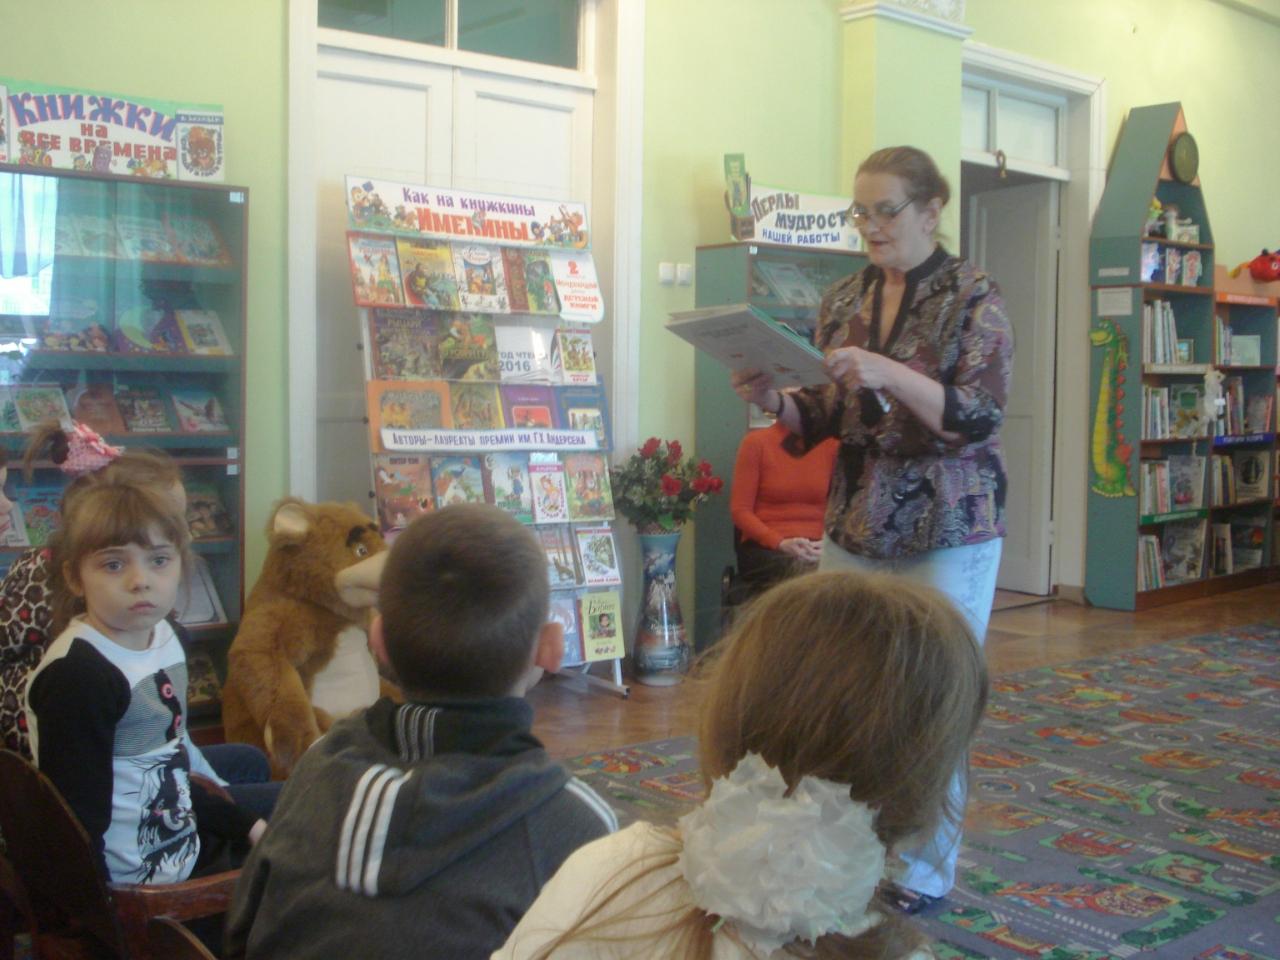 каждый пятый здесь писатель,встреча с поэтом, донецкая республиканская библиотека для детей, пропаганда чтения,занятия с детьми в библиотеке